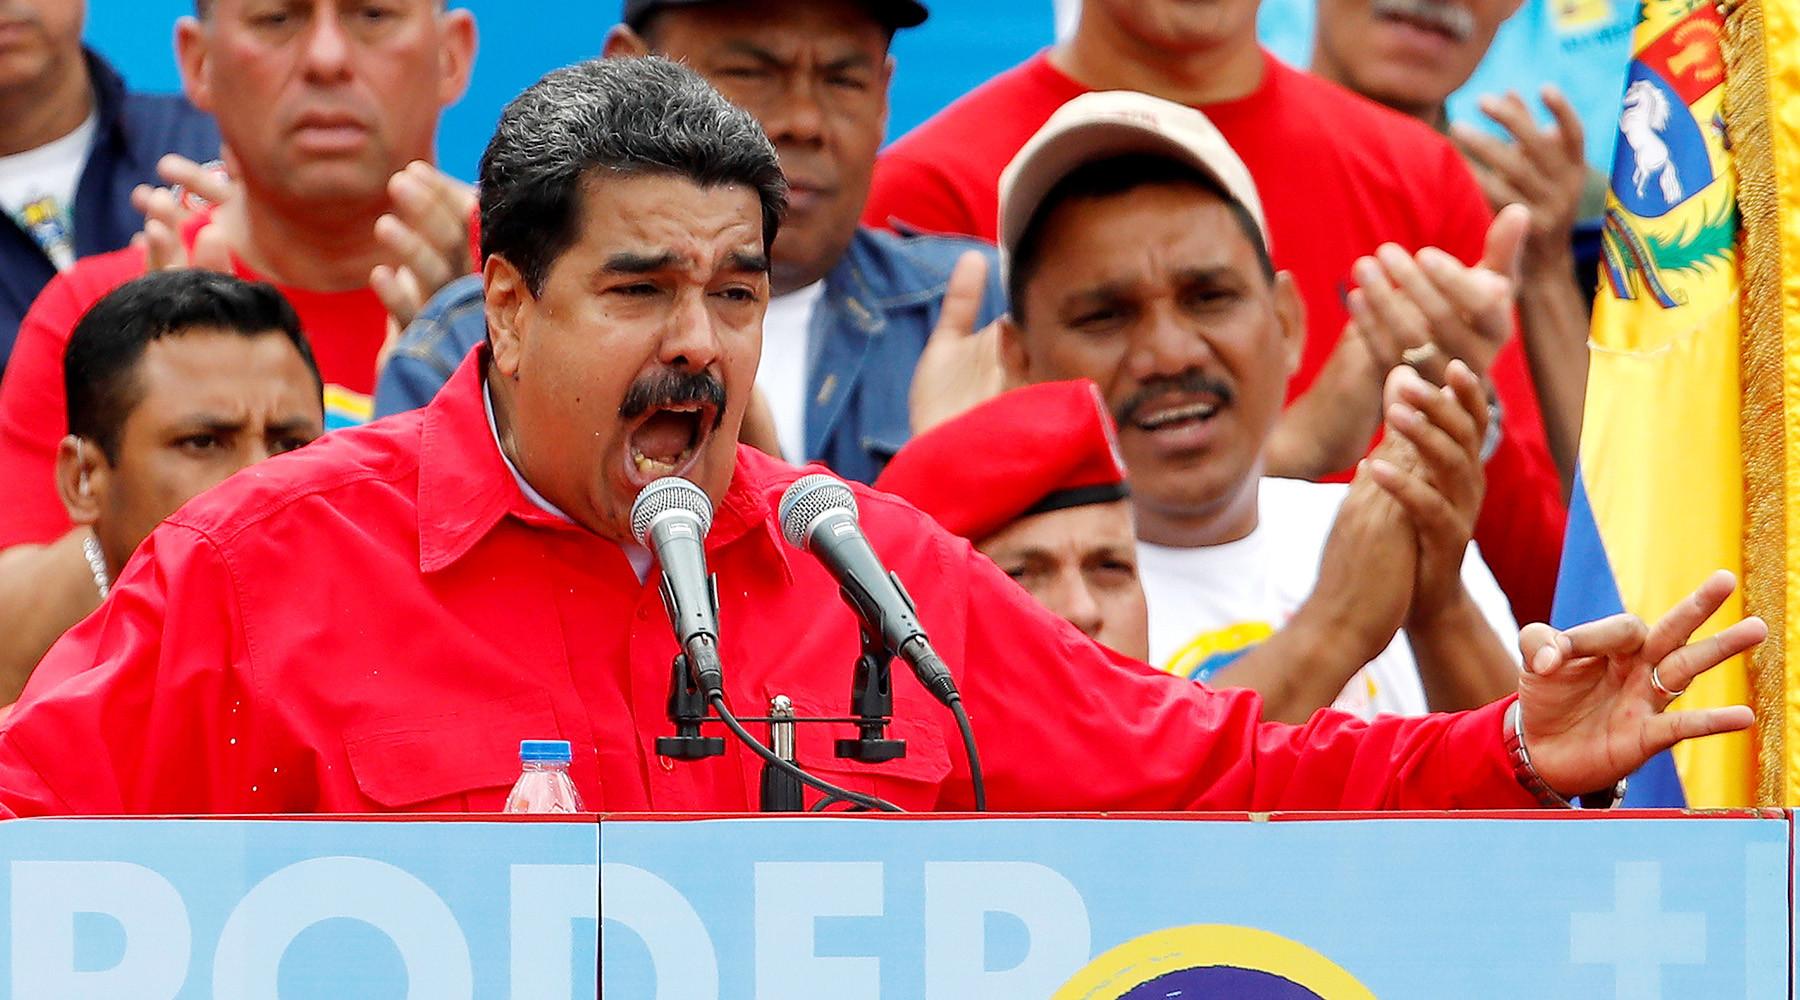 Конфликт между президентом и парламентом уничтожает Венесуэлу